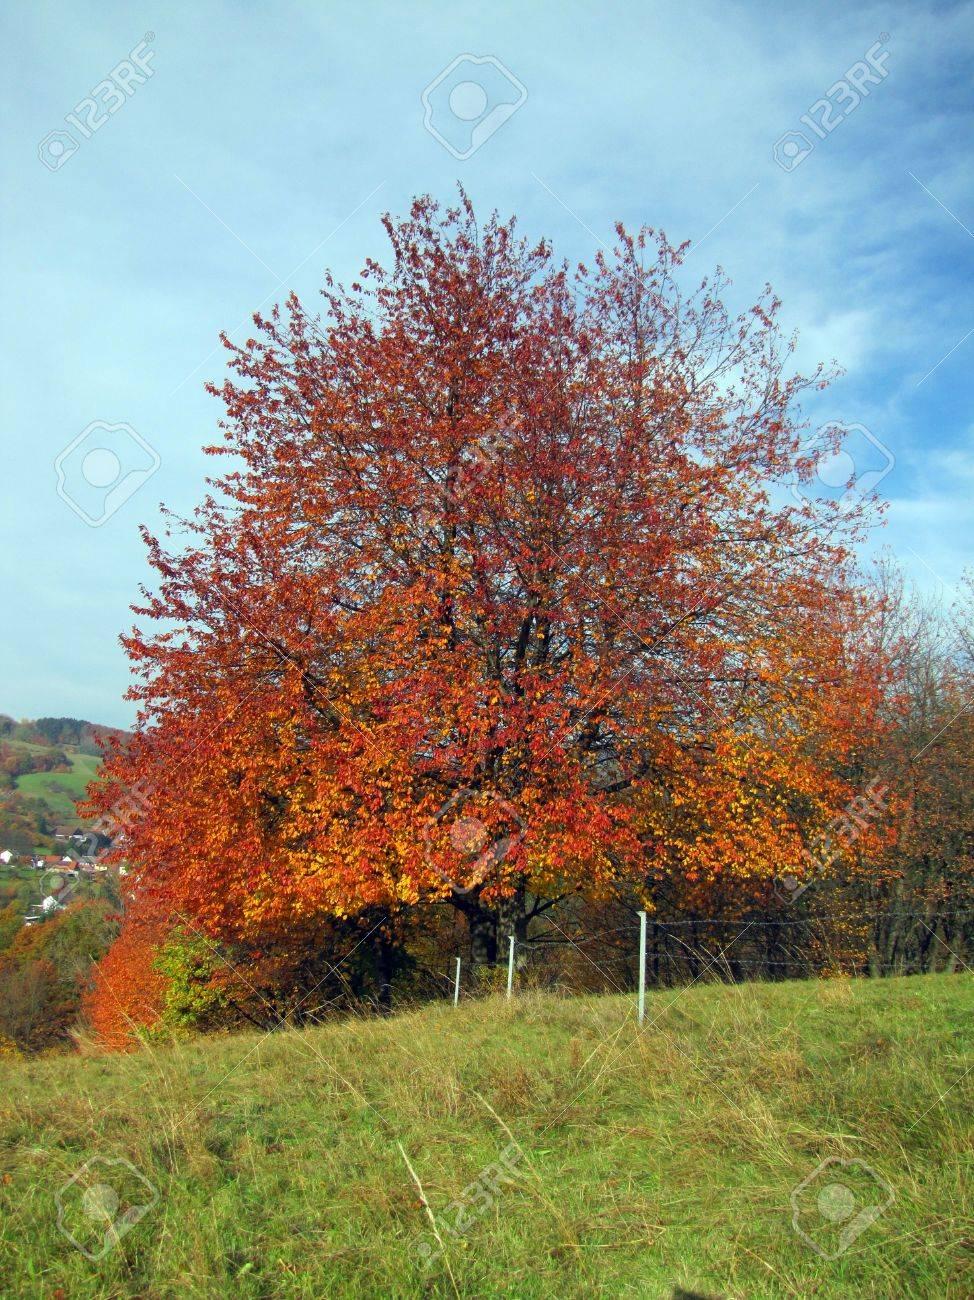 Tree in autumn, autumn leaves Stock Photo - 15545378